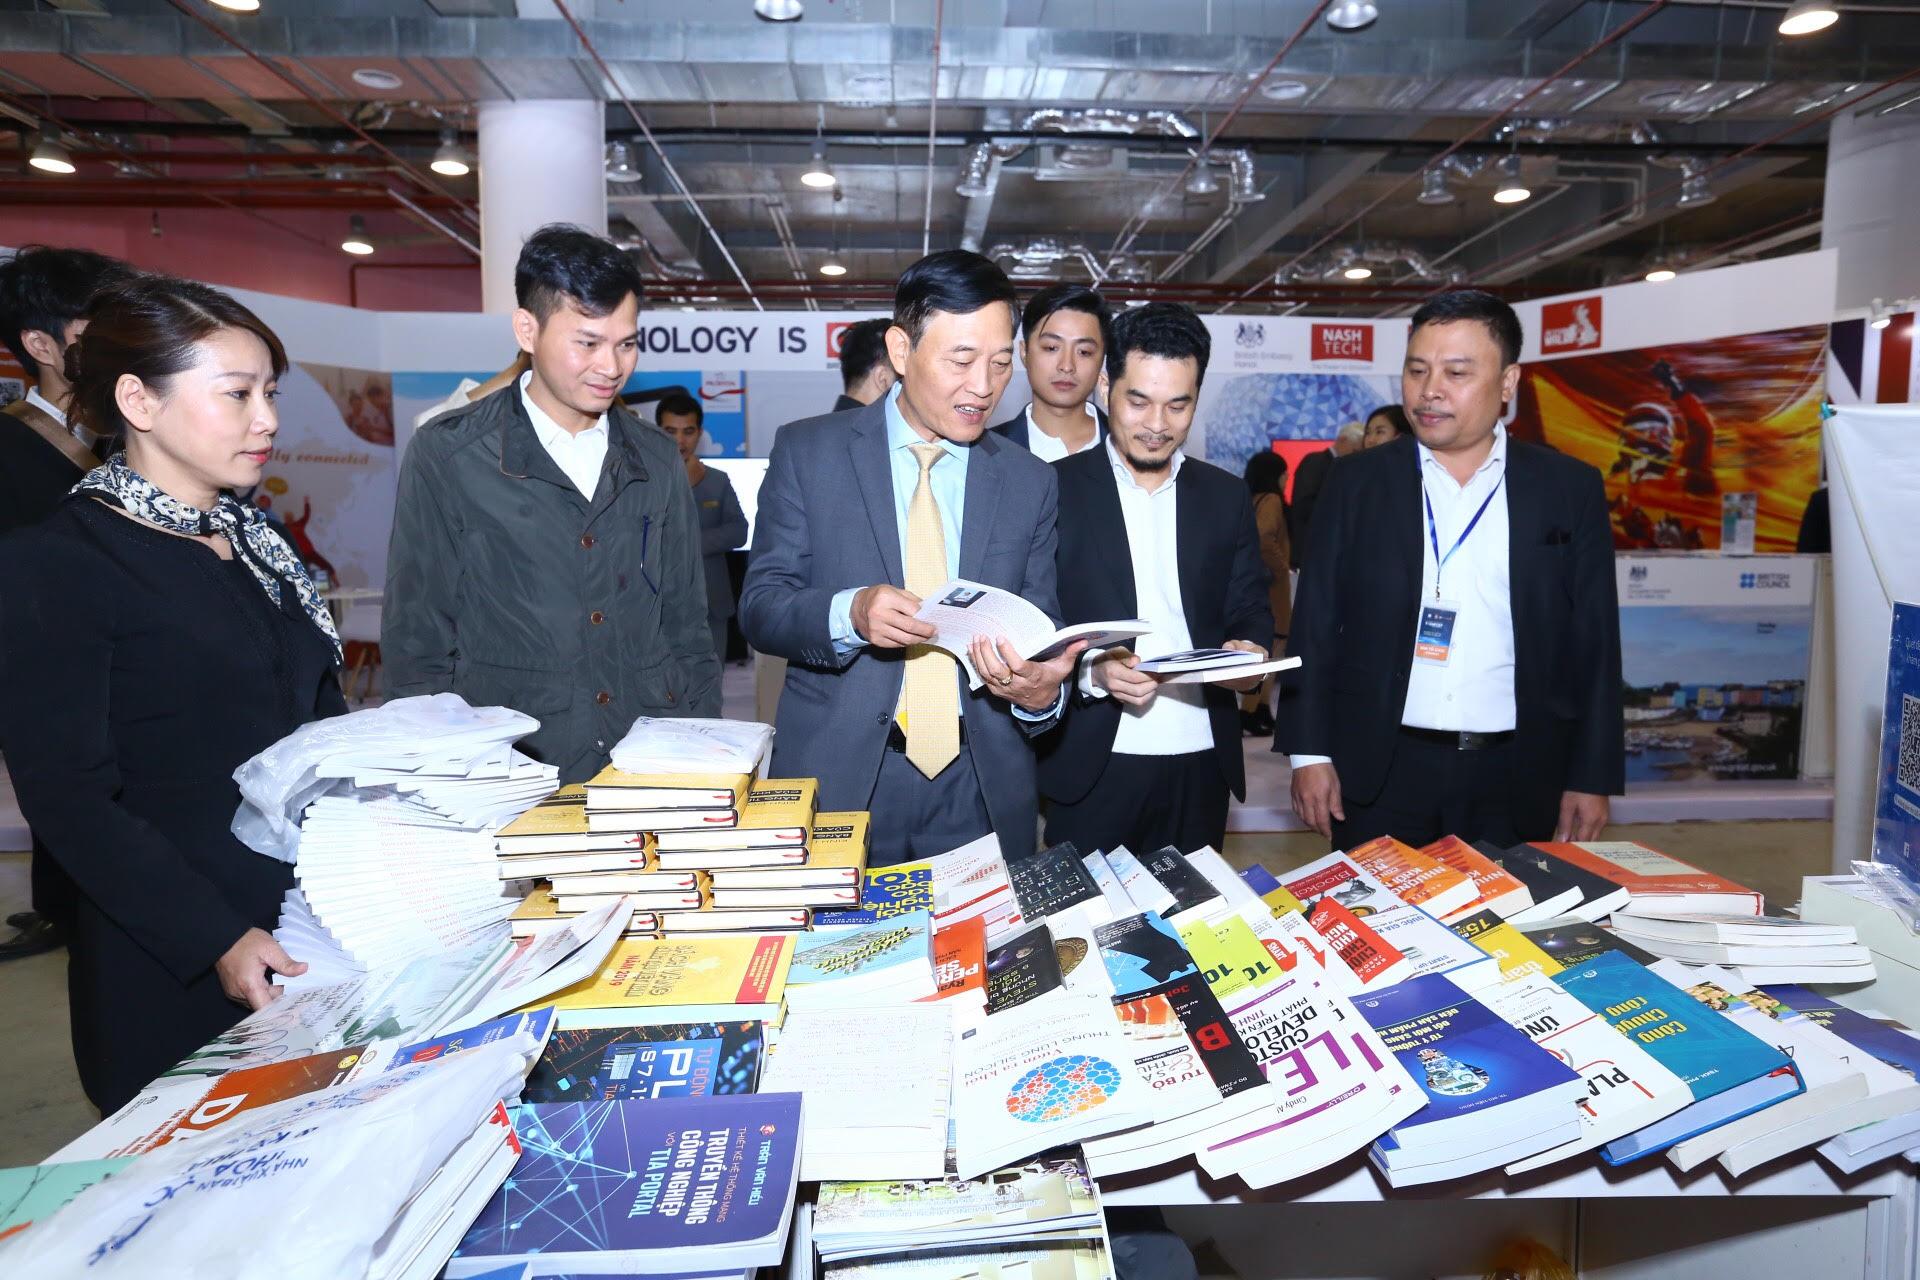 Thứ trưởng Bộ KH&CN Trần Văn Tùng tham quan gian hàng của Nhà xuất bản KH&KT tại Techfest Vietnam 2019.